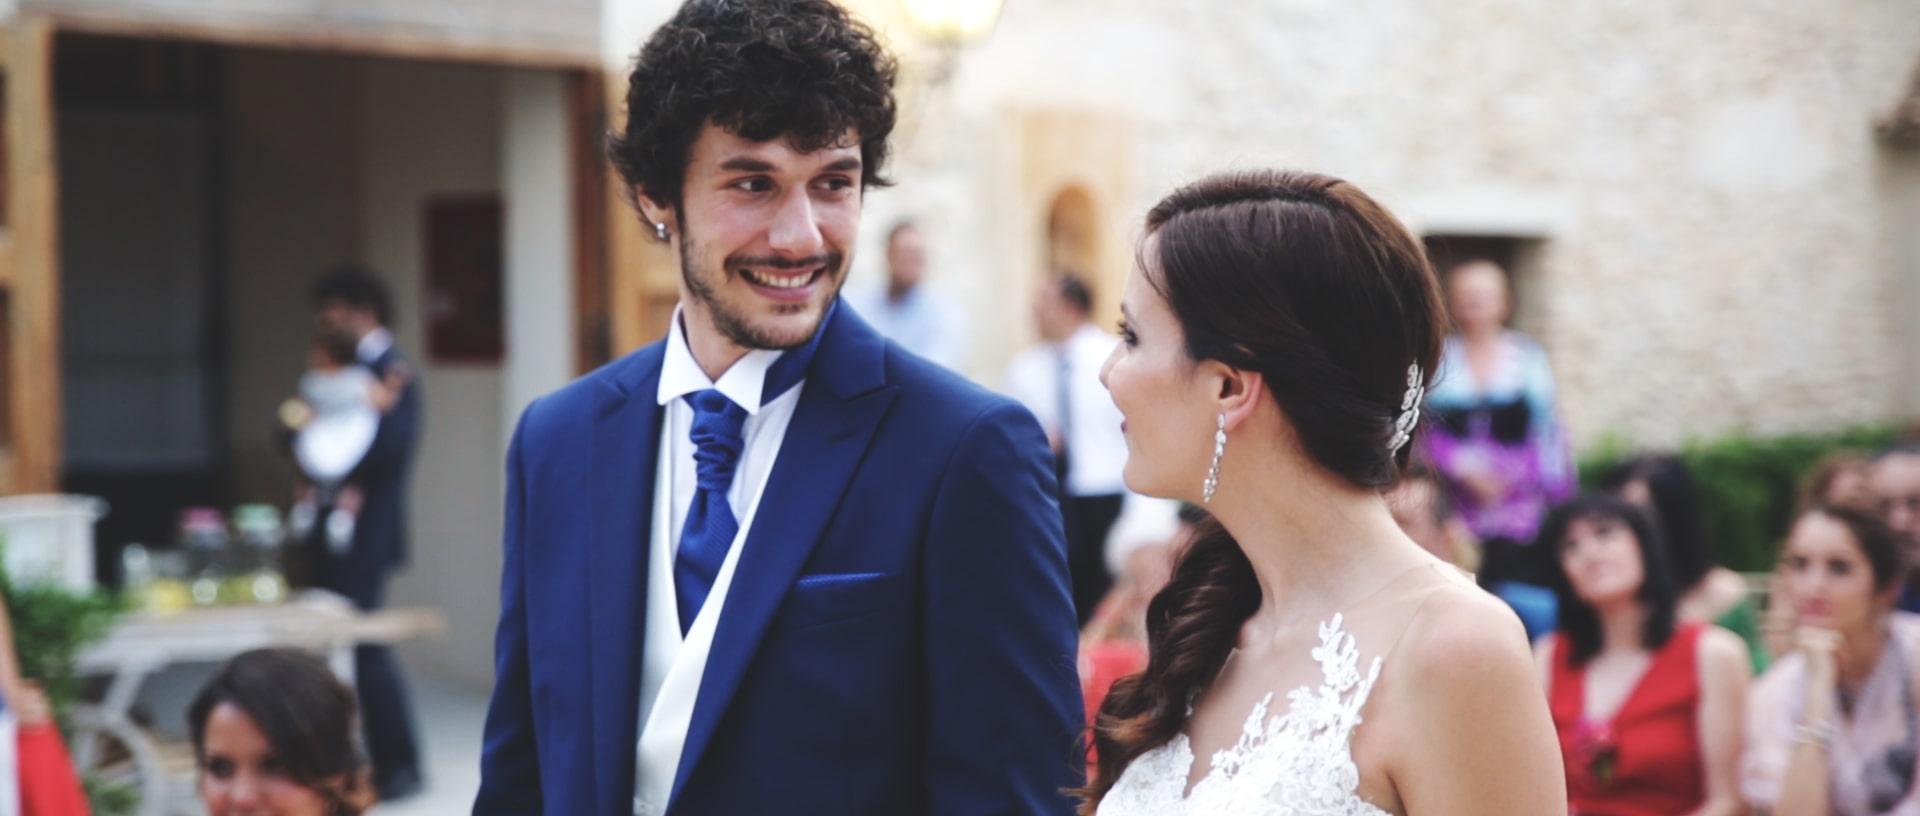 ejemplo pareja boda mirándose